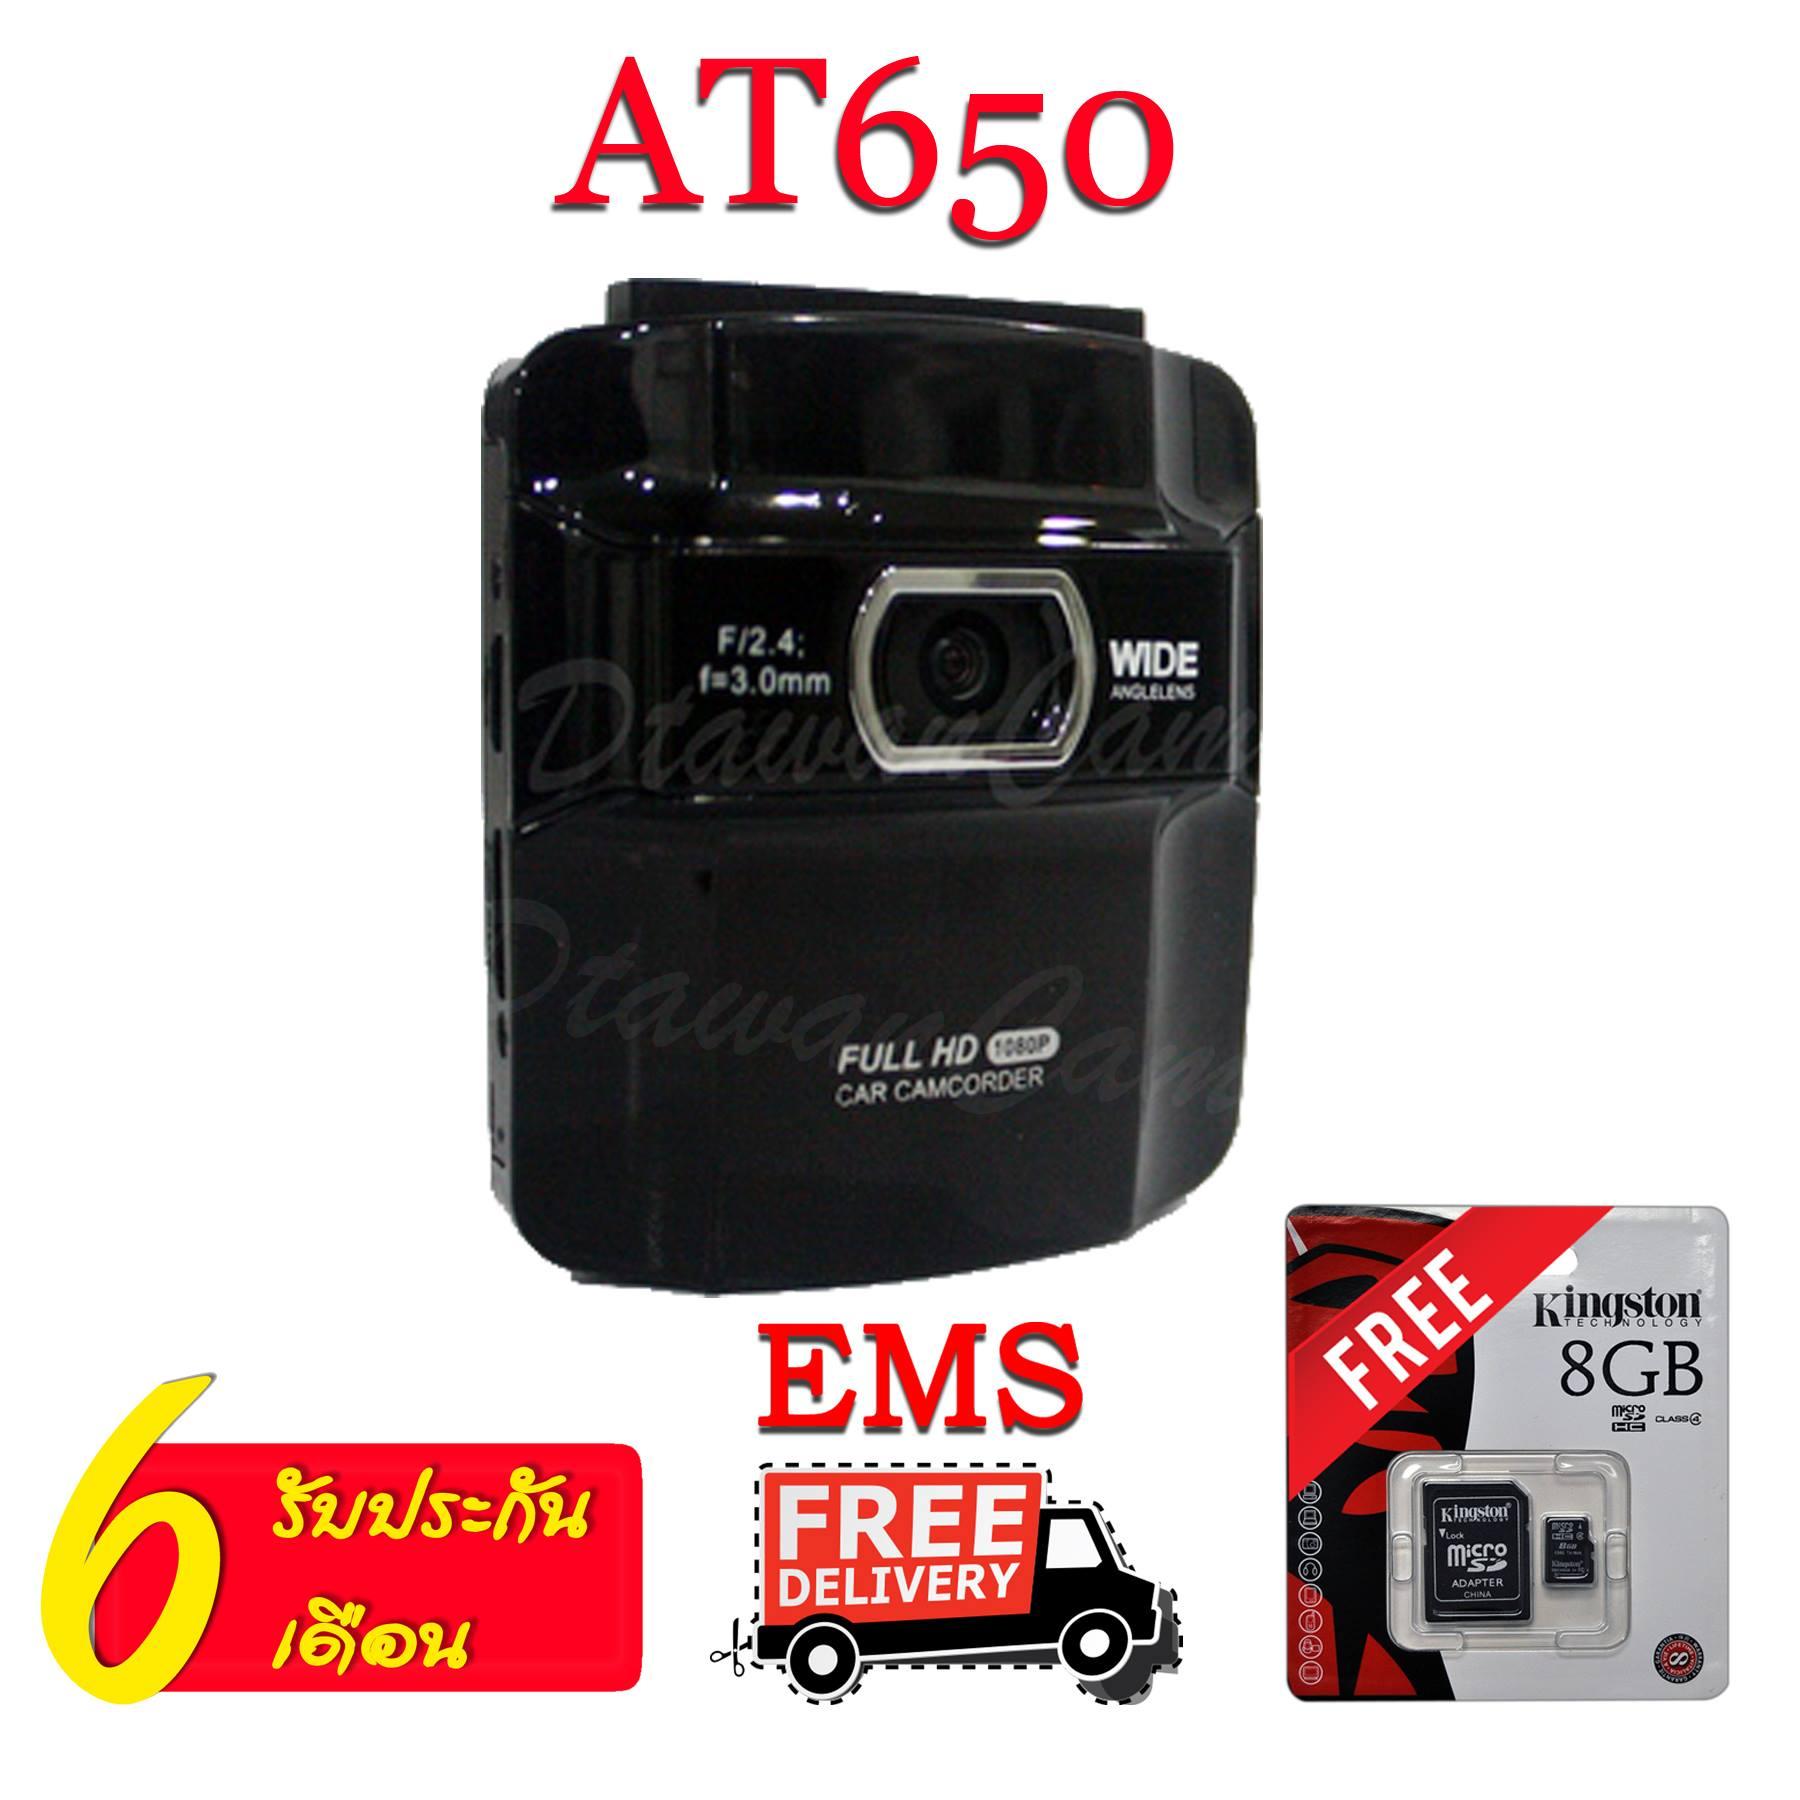 กล้องติดรถยนต์ AT650 ขนาดเล็ก กะทะรัด ไม่บดบังทัศนวิสัย รูรับแสงกว้างเกินตัว ภาพกลางคืนคมชัด